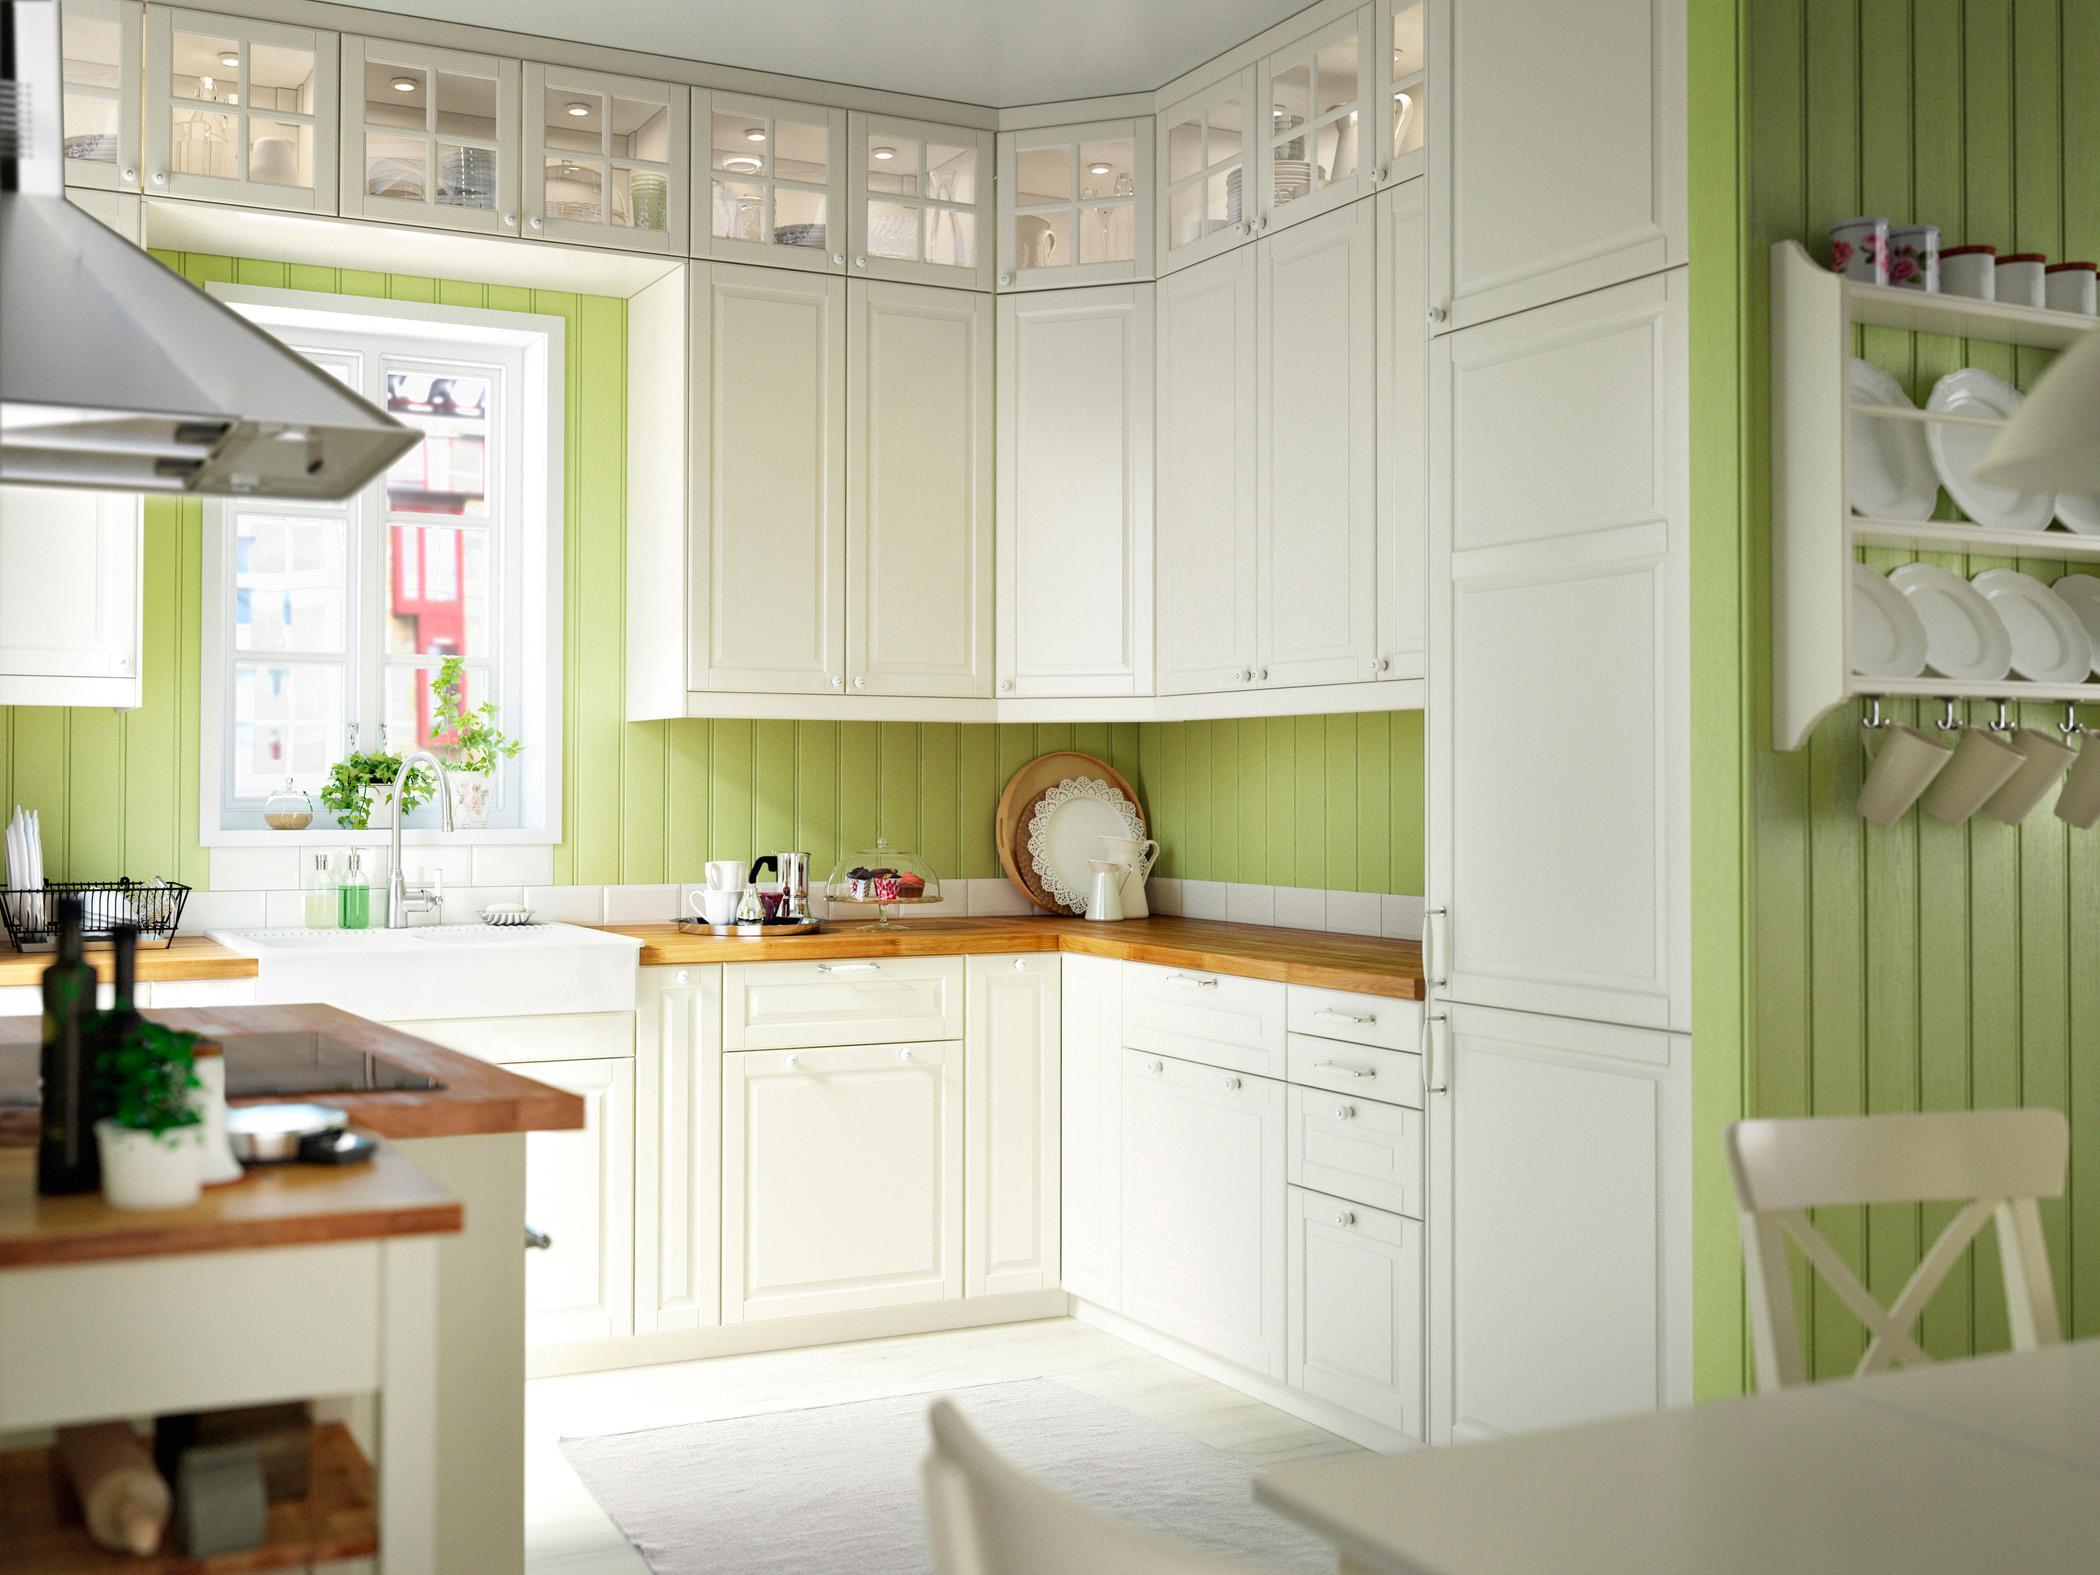 Küche mit Holzpaneelen in Grün #stuhl #arbeitsplatte...